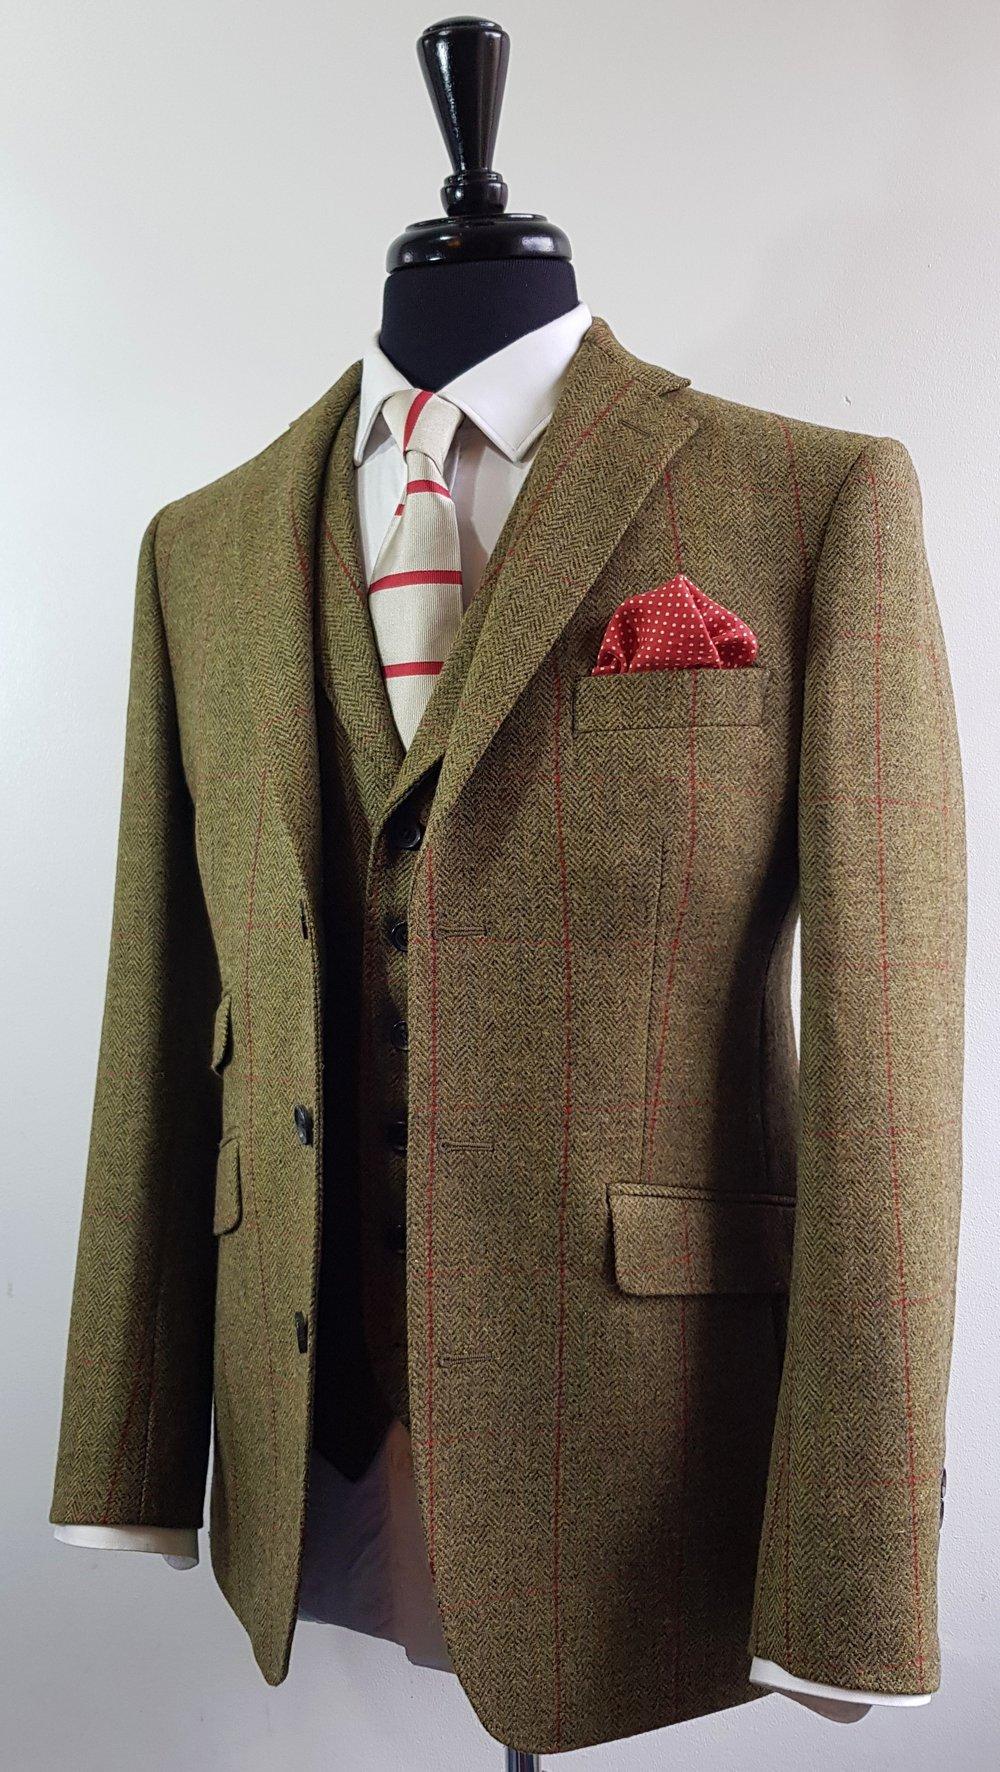 Tweed Jacket and Tweed Waistcoat (6).jpg